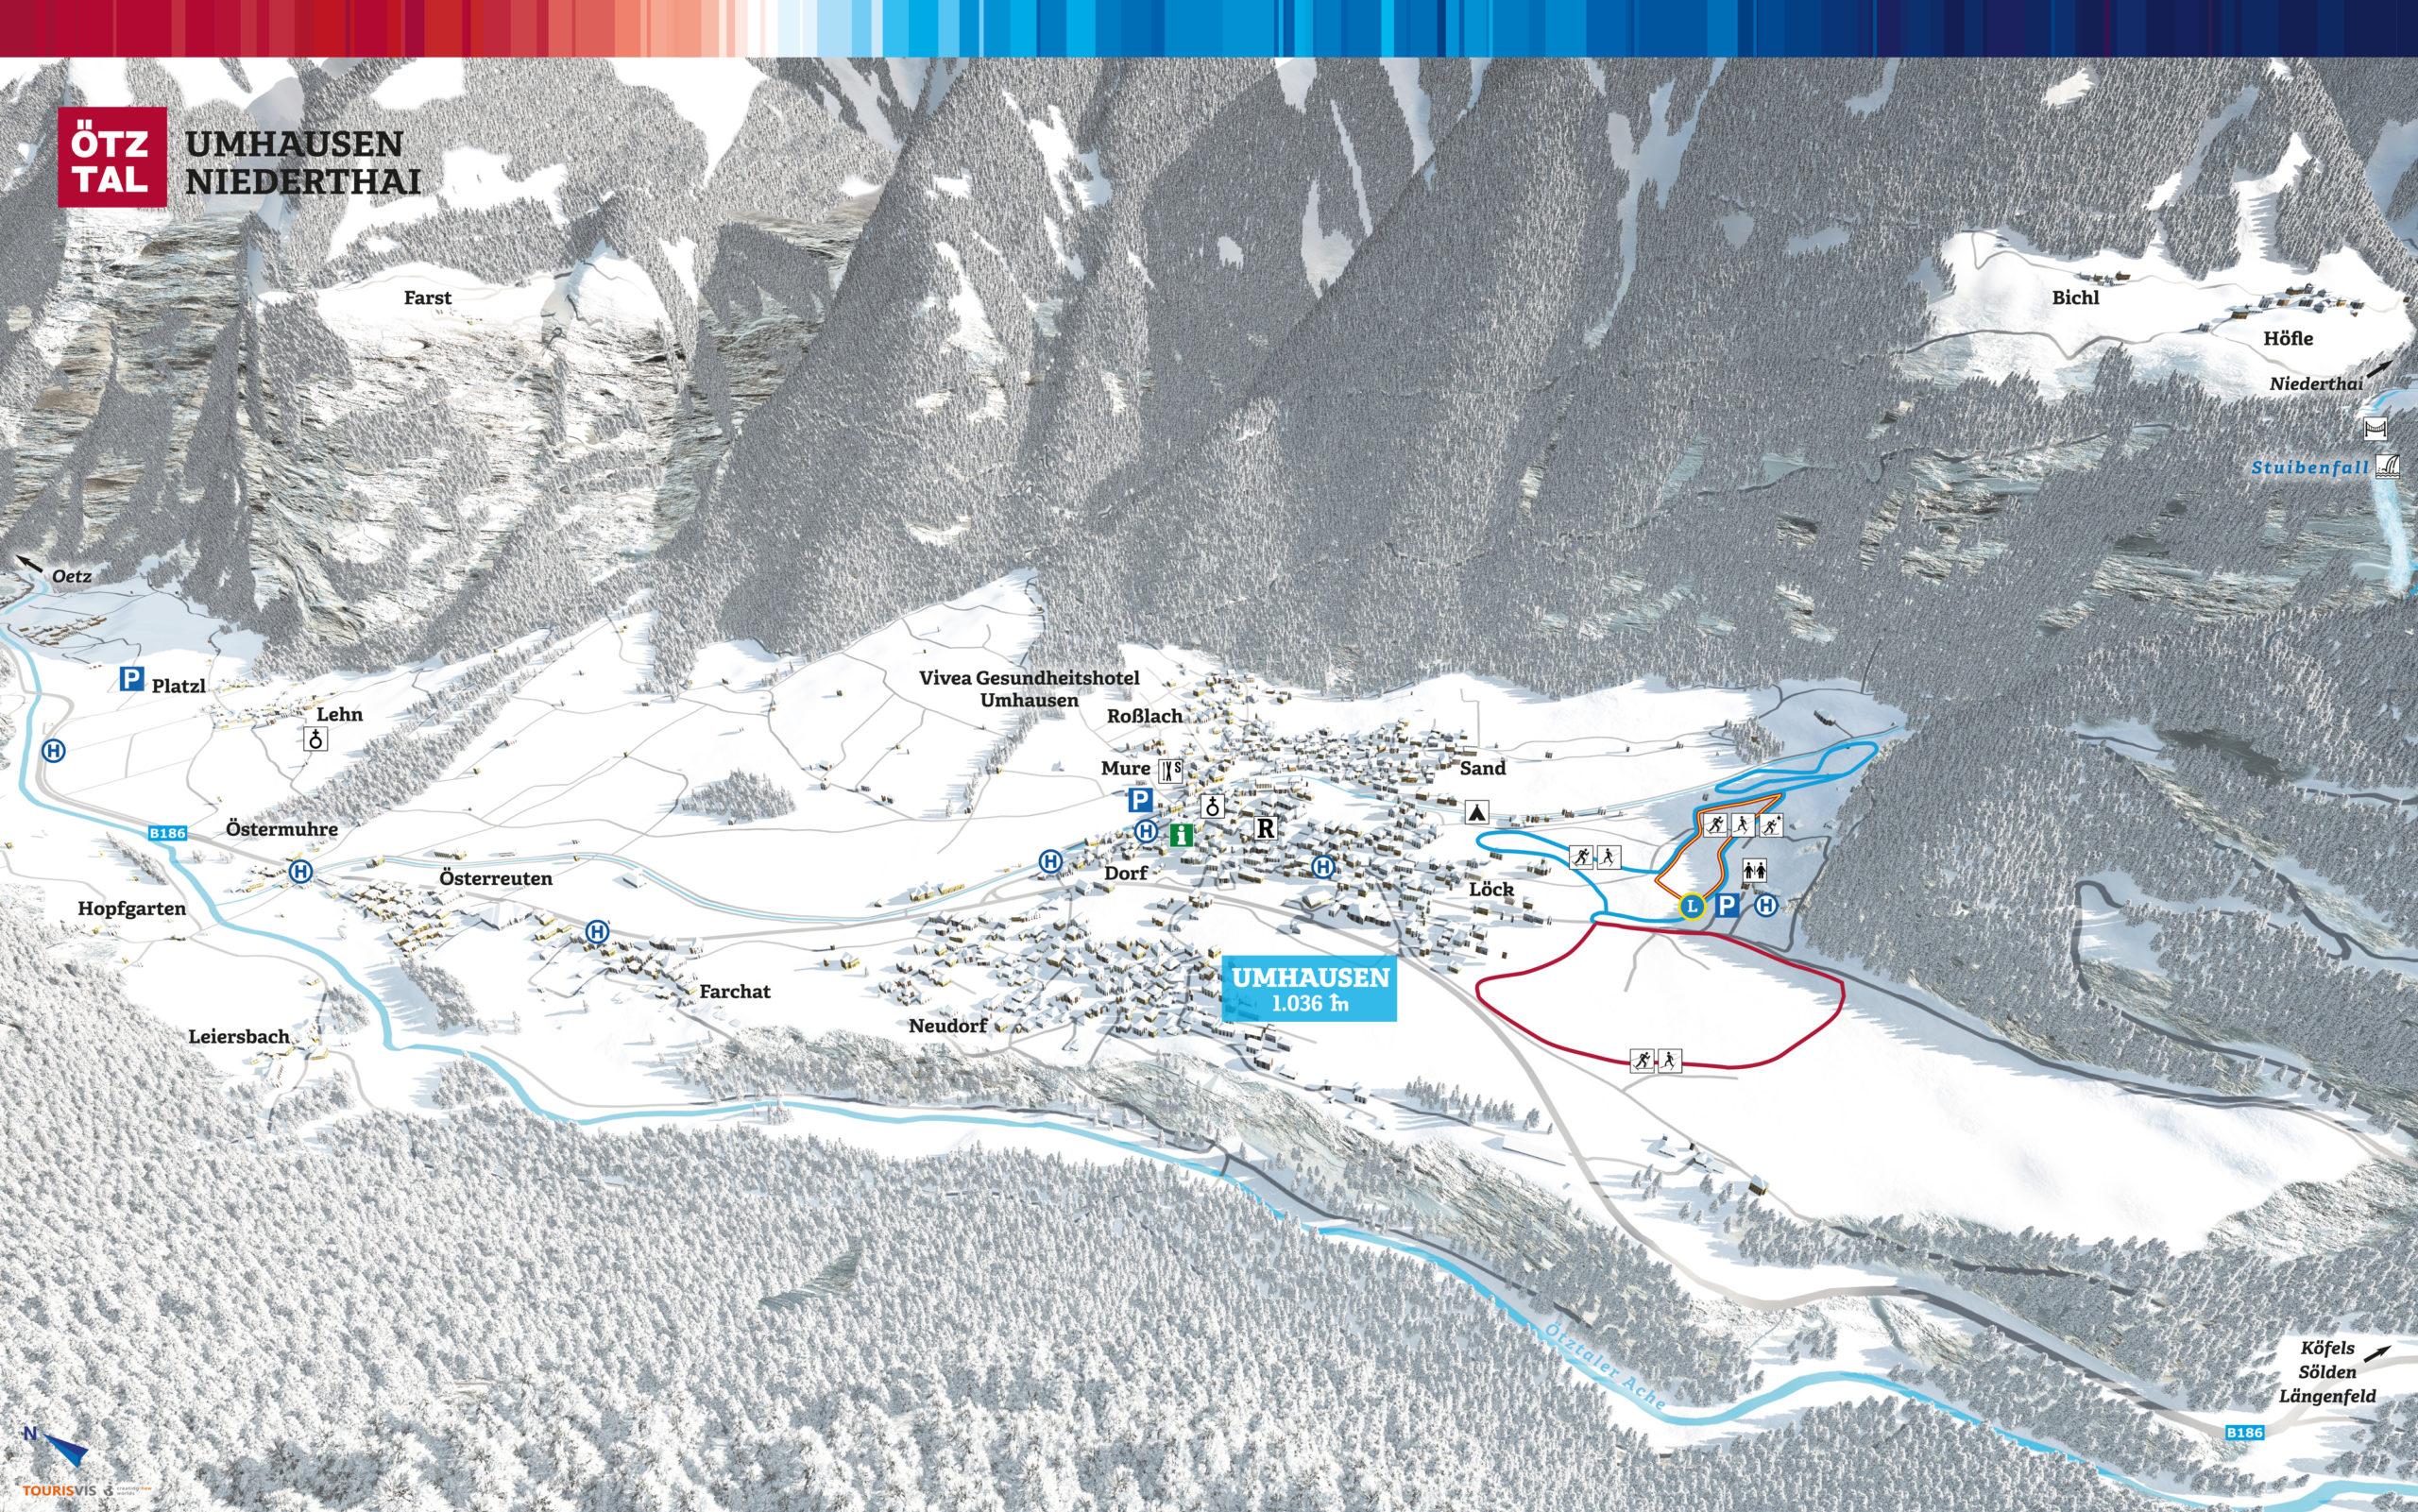 3D Panoramakarte Winter Langlaufen Umhausen Oetztal